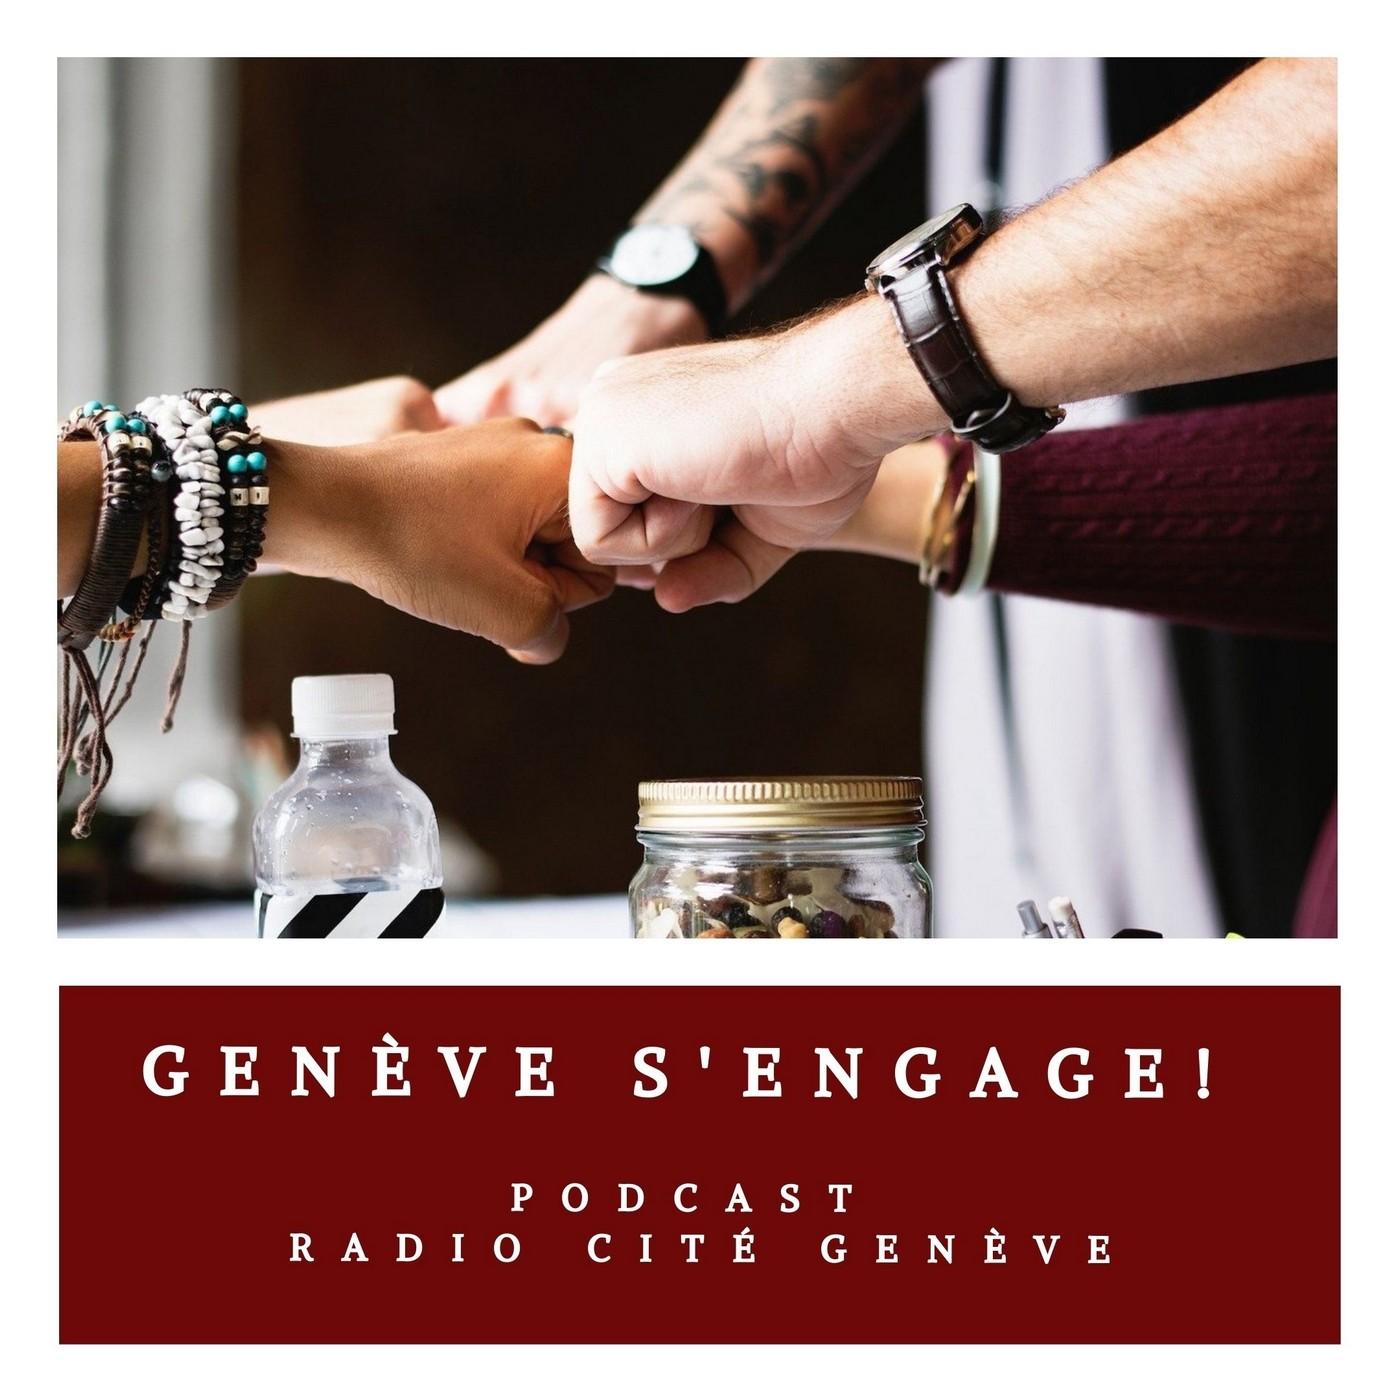 26/02/2021 - Genève s'engage pour les médias locaux